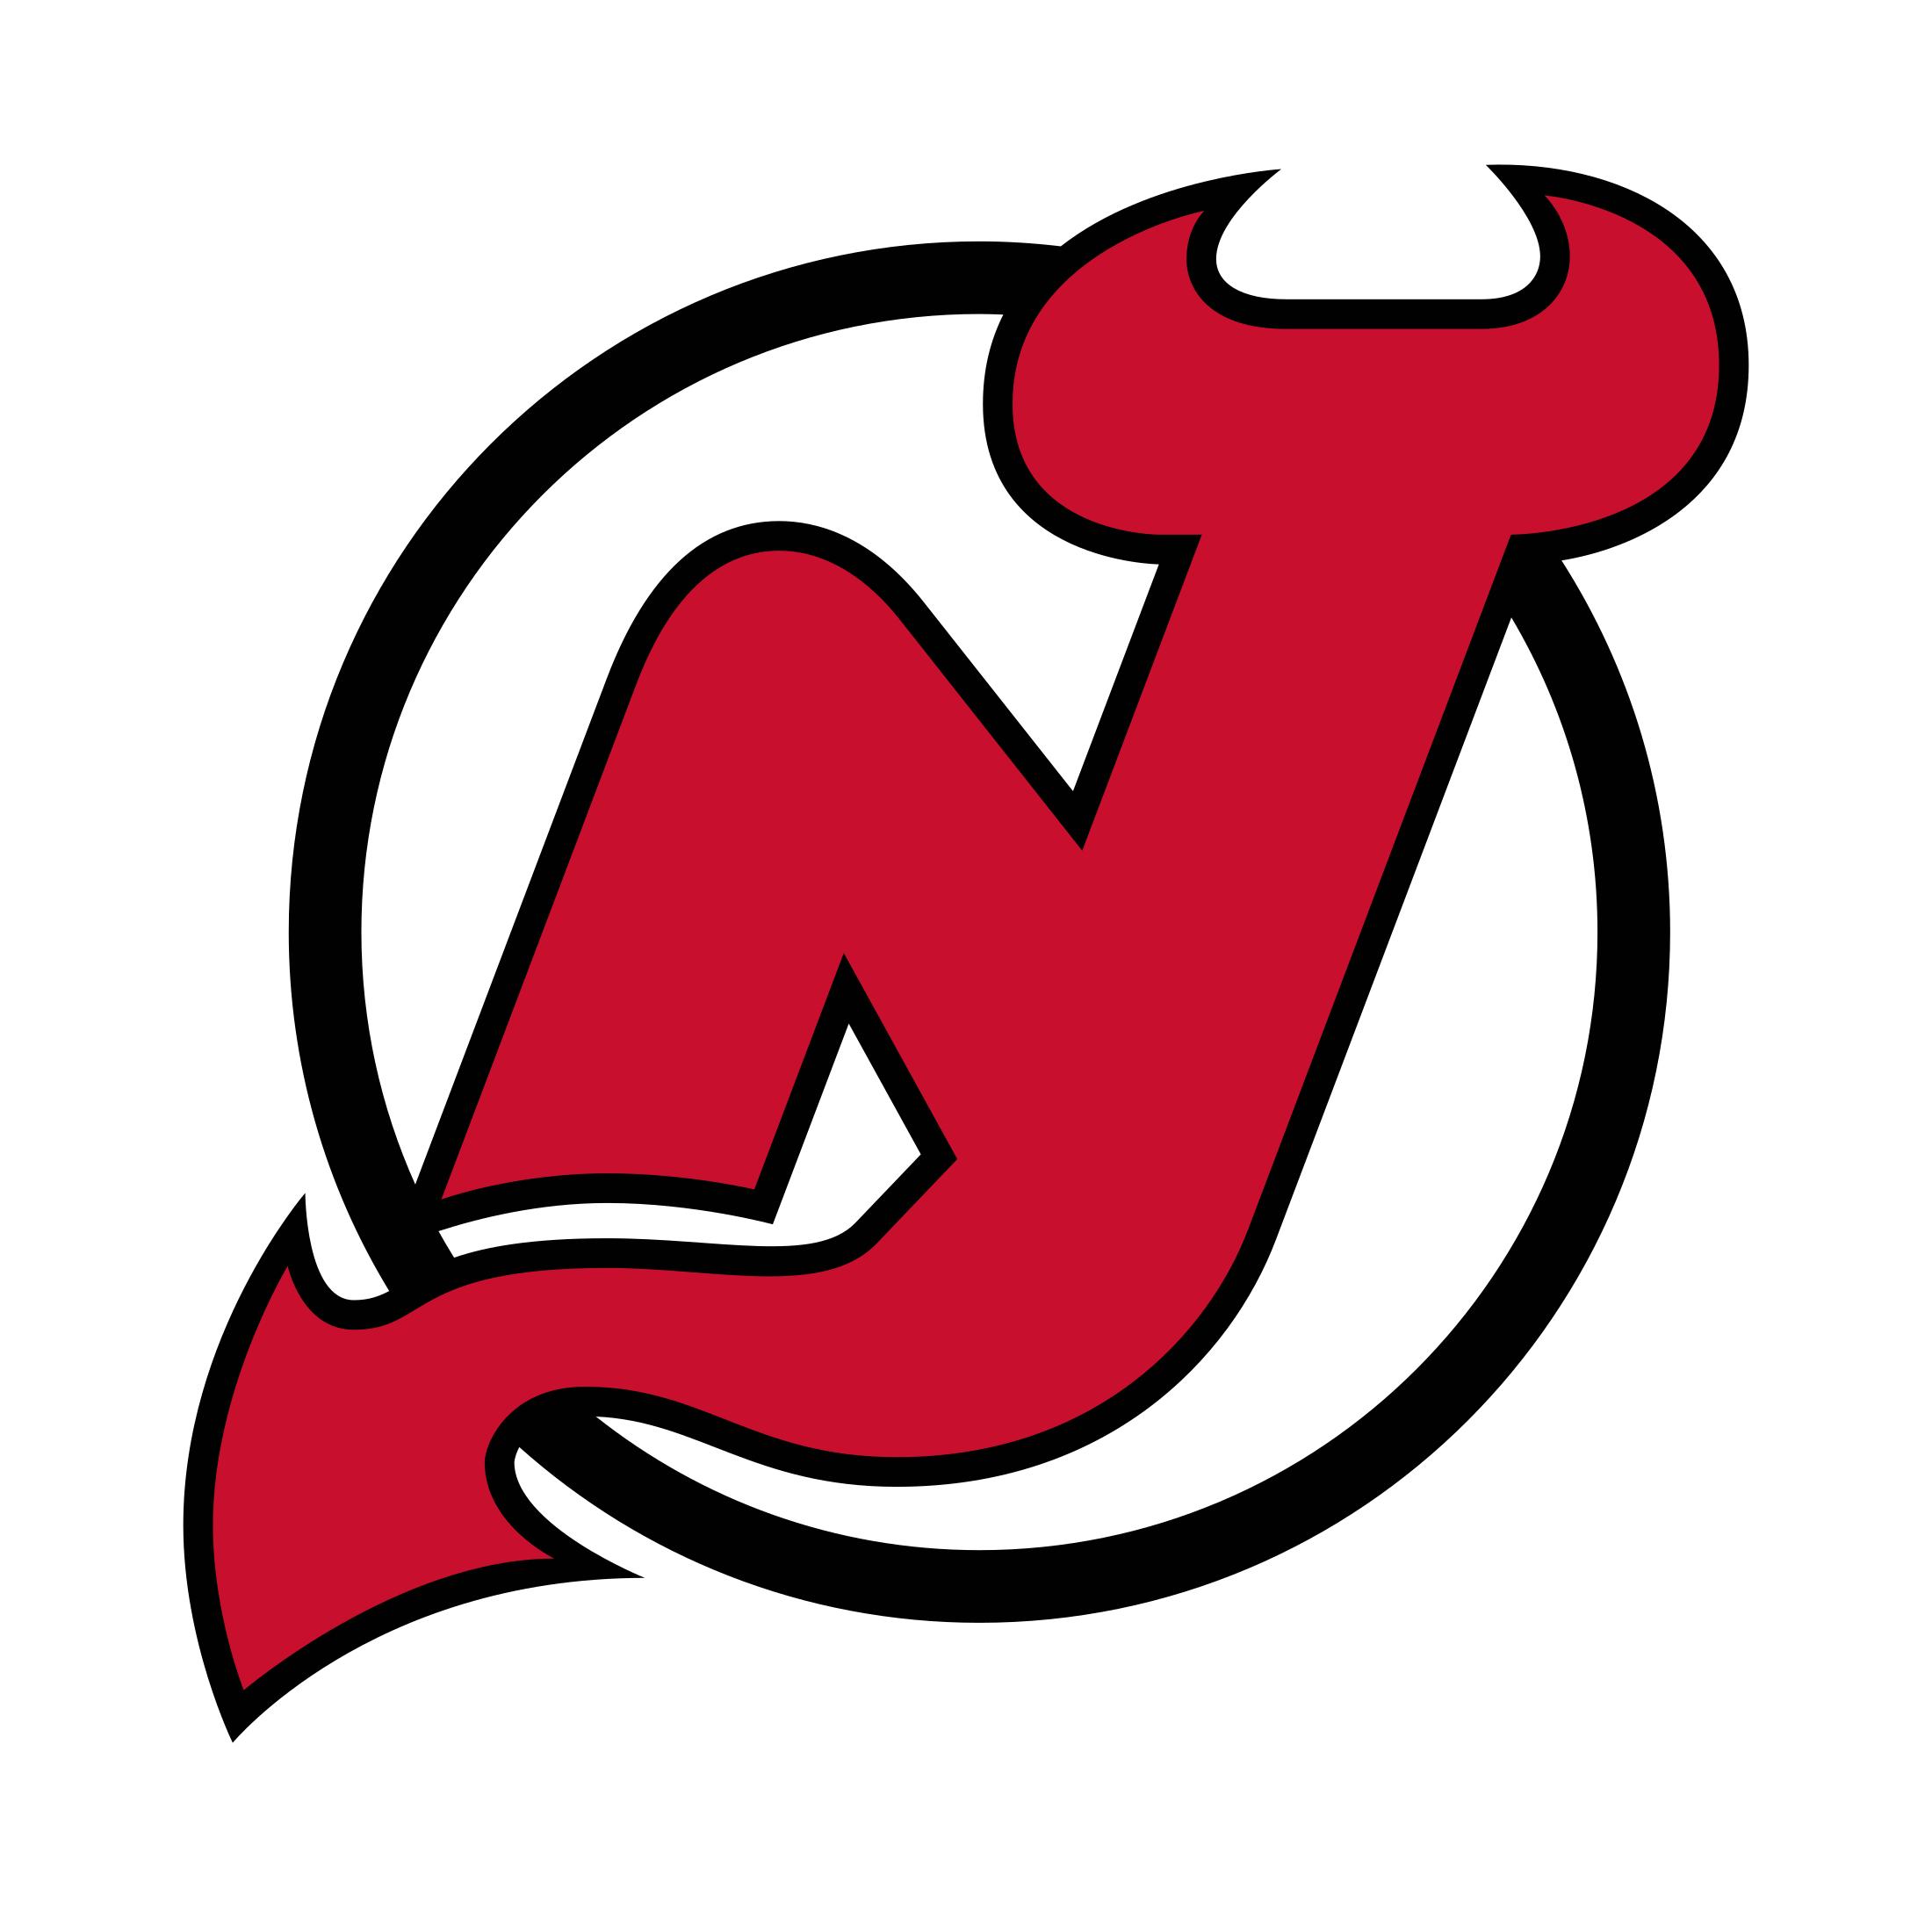 New Jersey Devils Logo PNG Transparent & SVG Vector.